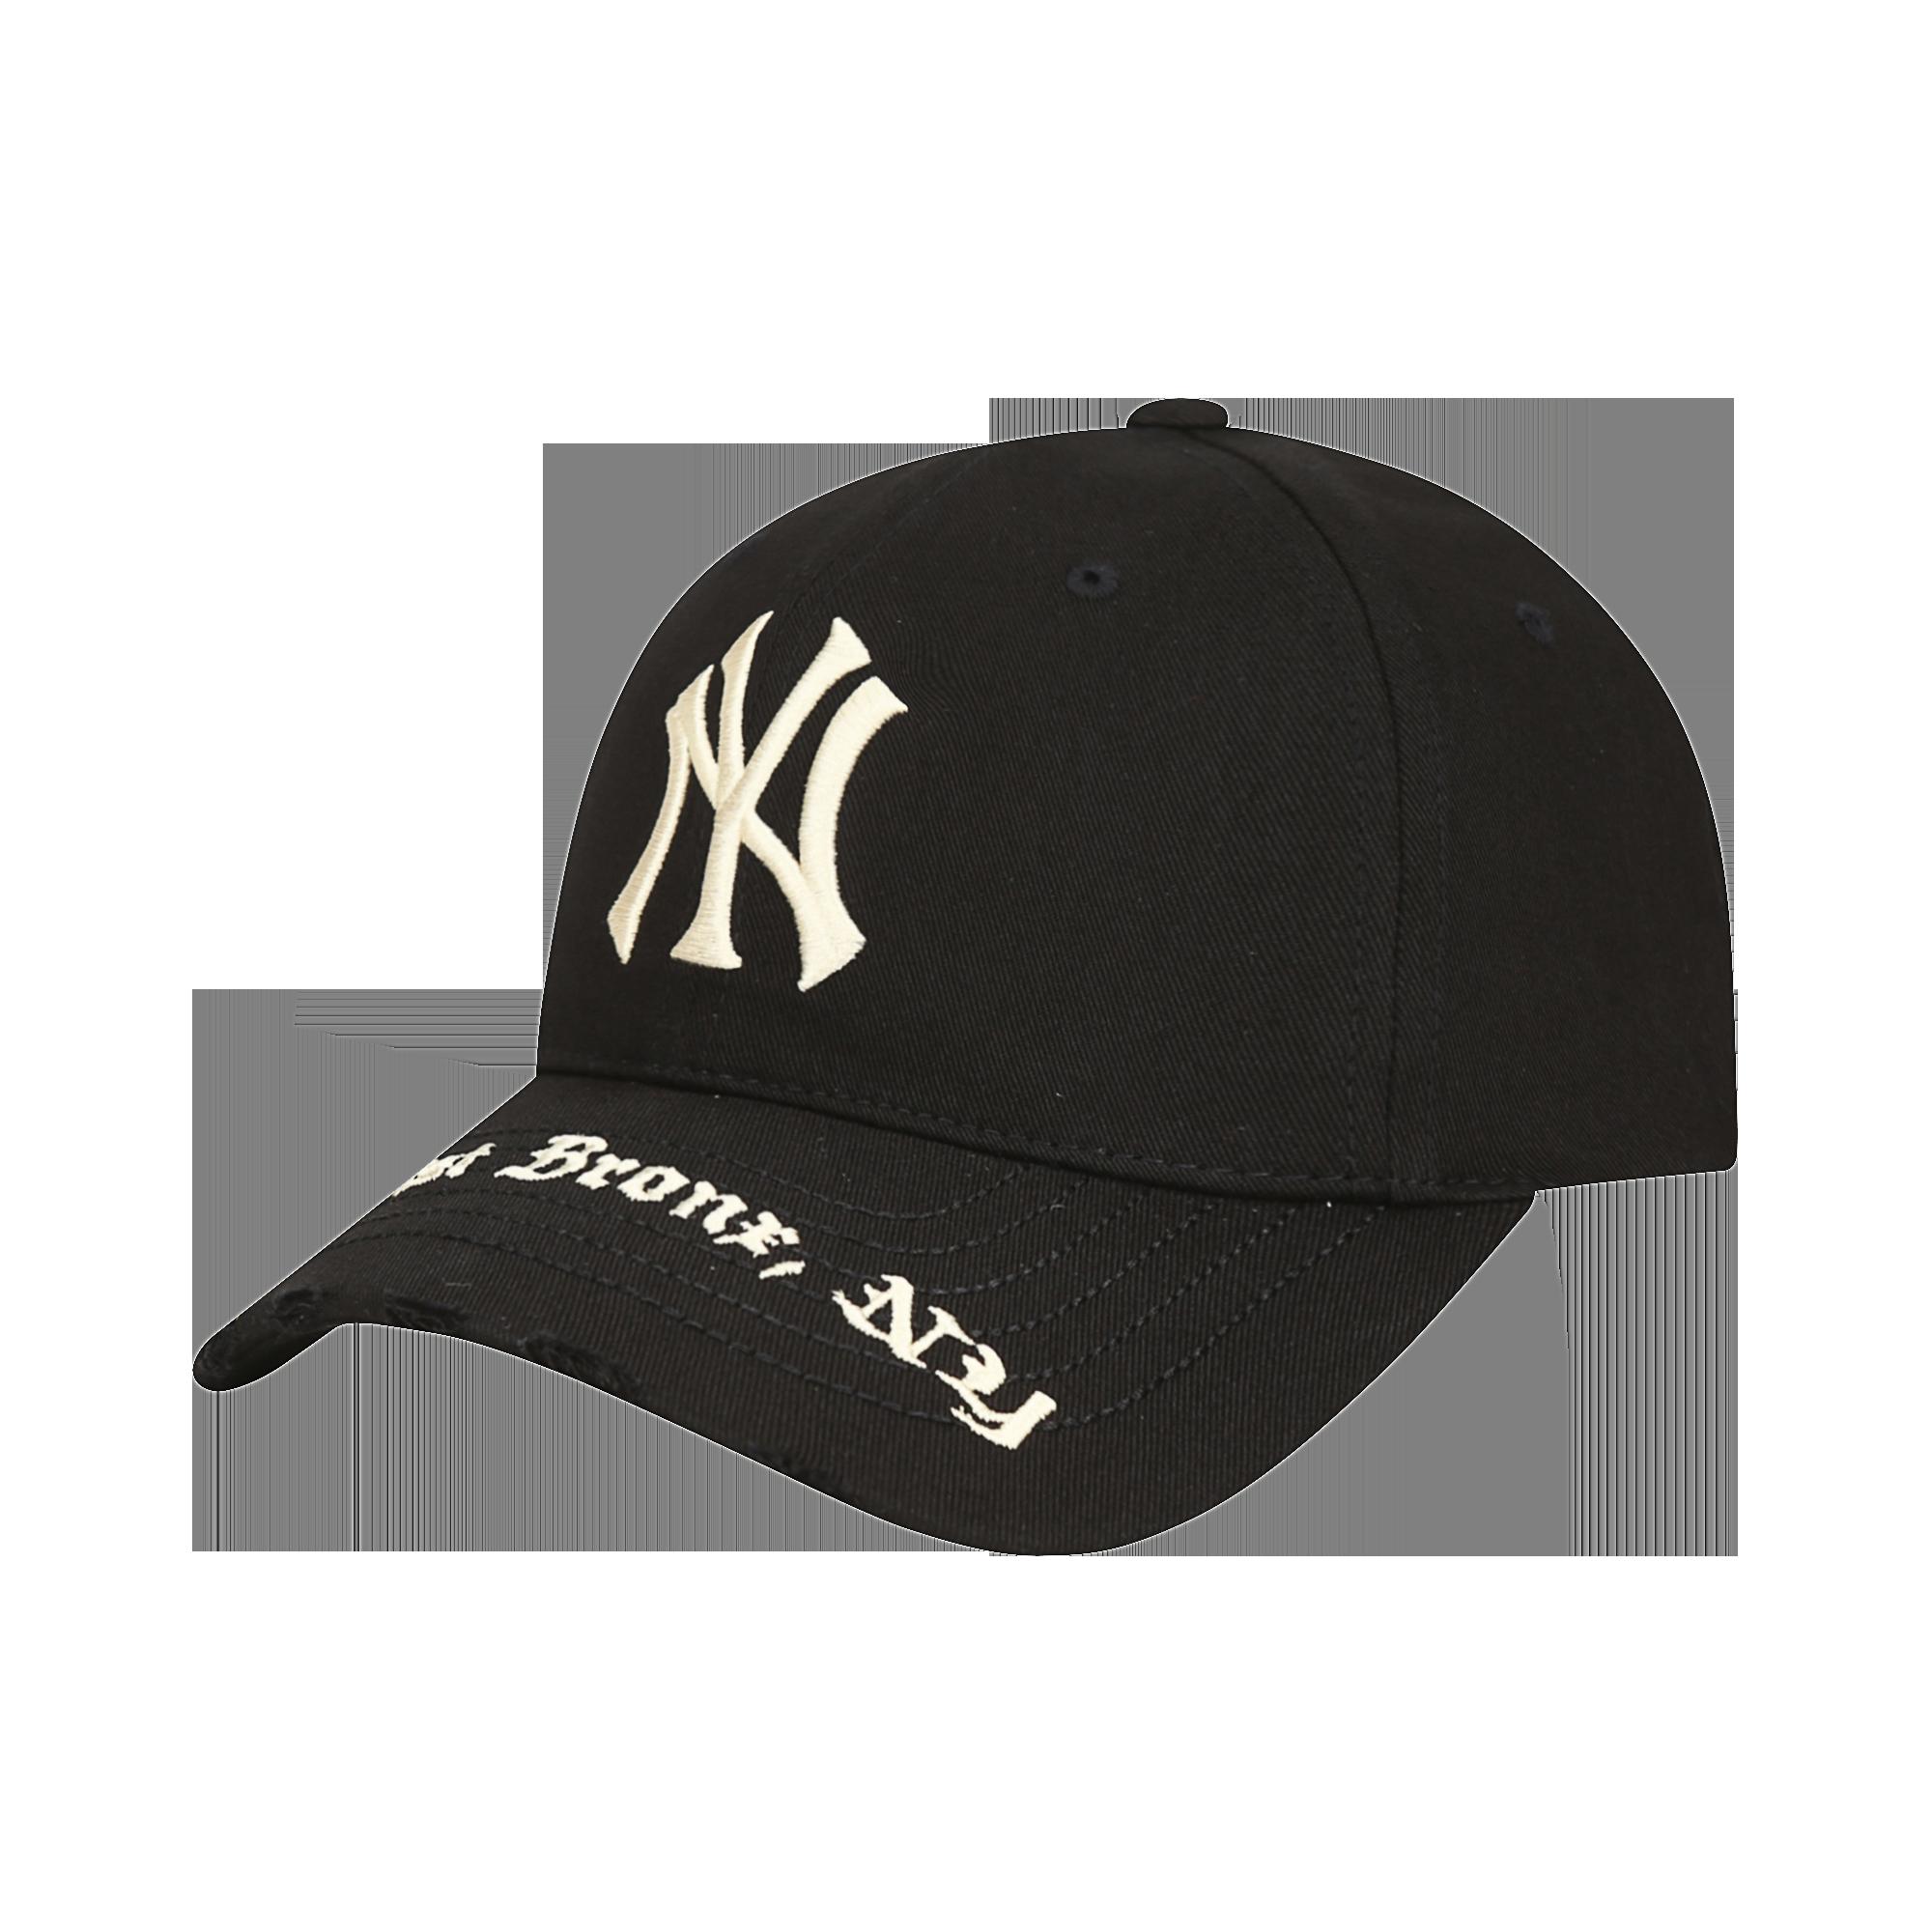 뉴욕 고딕 어드레스 스트럭쳐 볼캡 뉴욕양키스